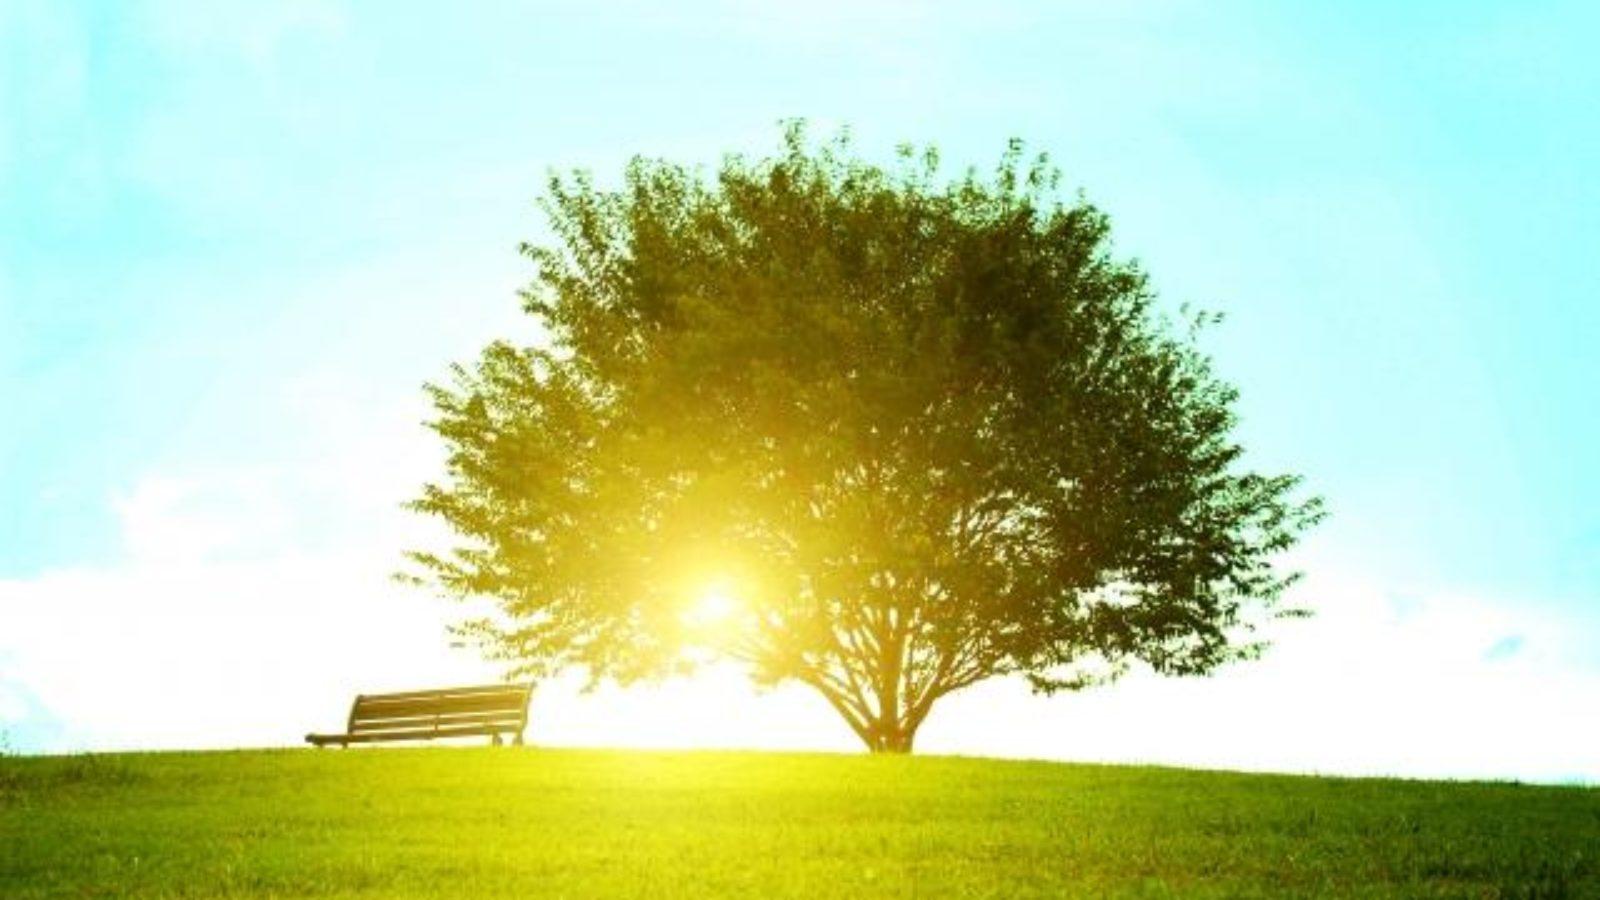 【朝活】朝の目覚めにはこのクラッシック音楽がおすすめ!やる気の出る爽やか系と優しいゆったり系17選